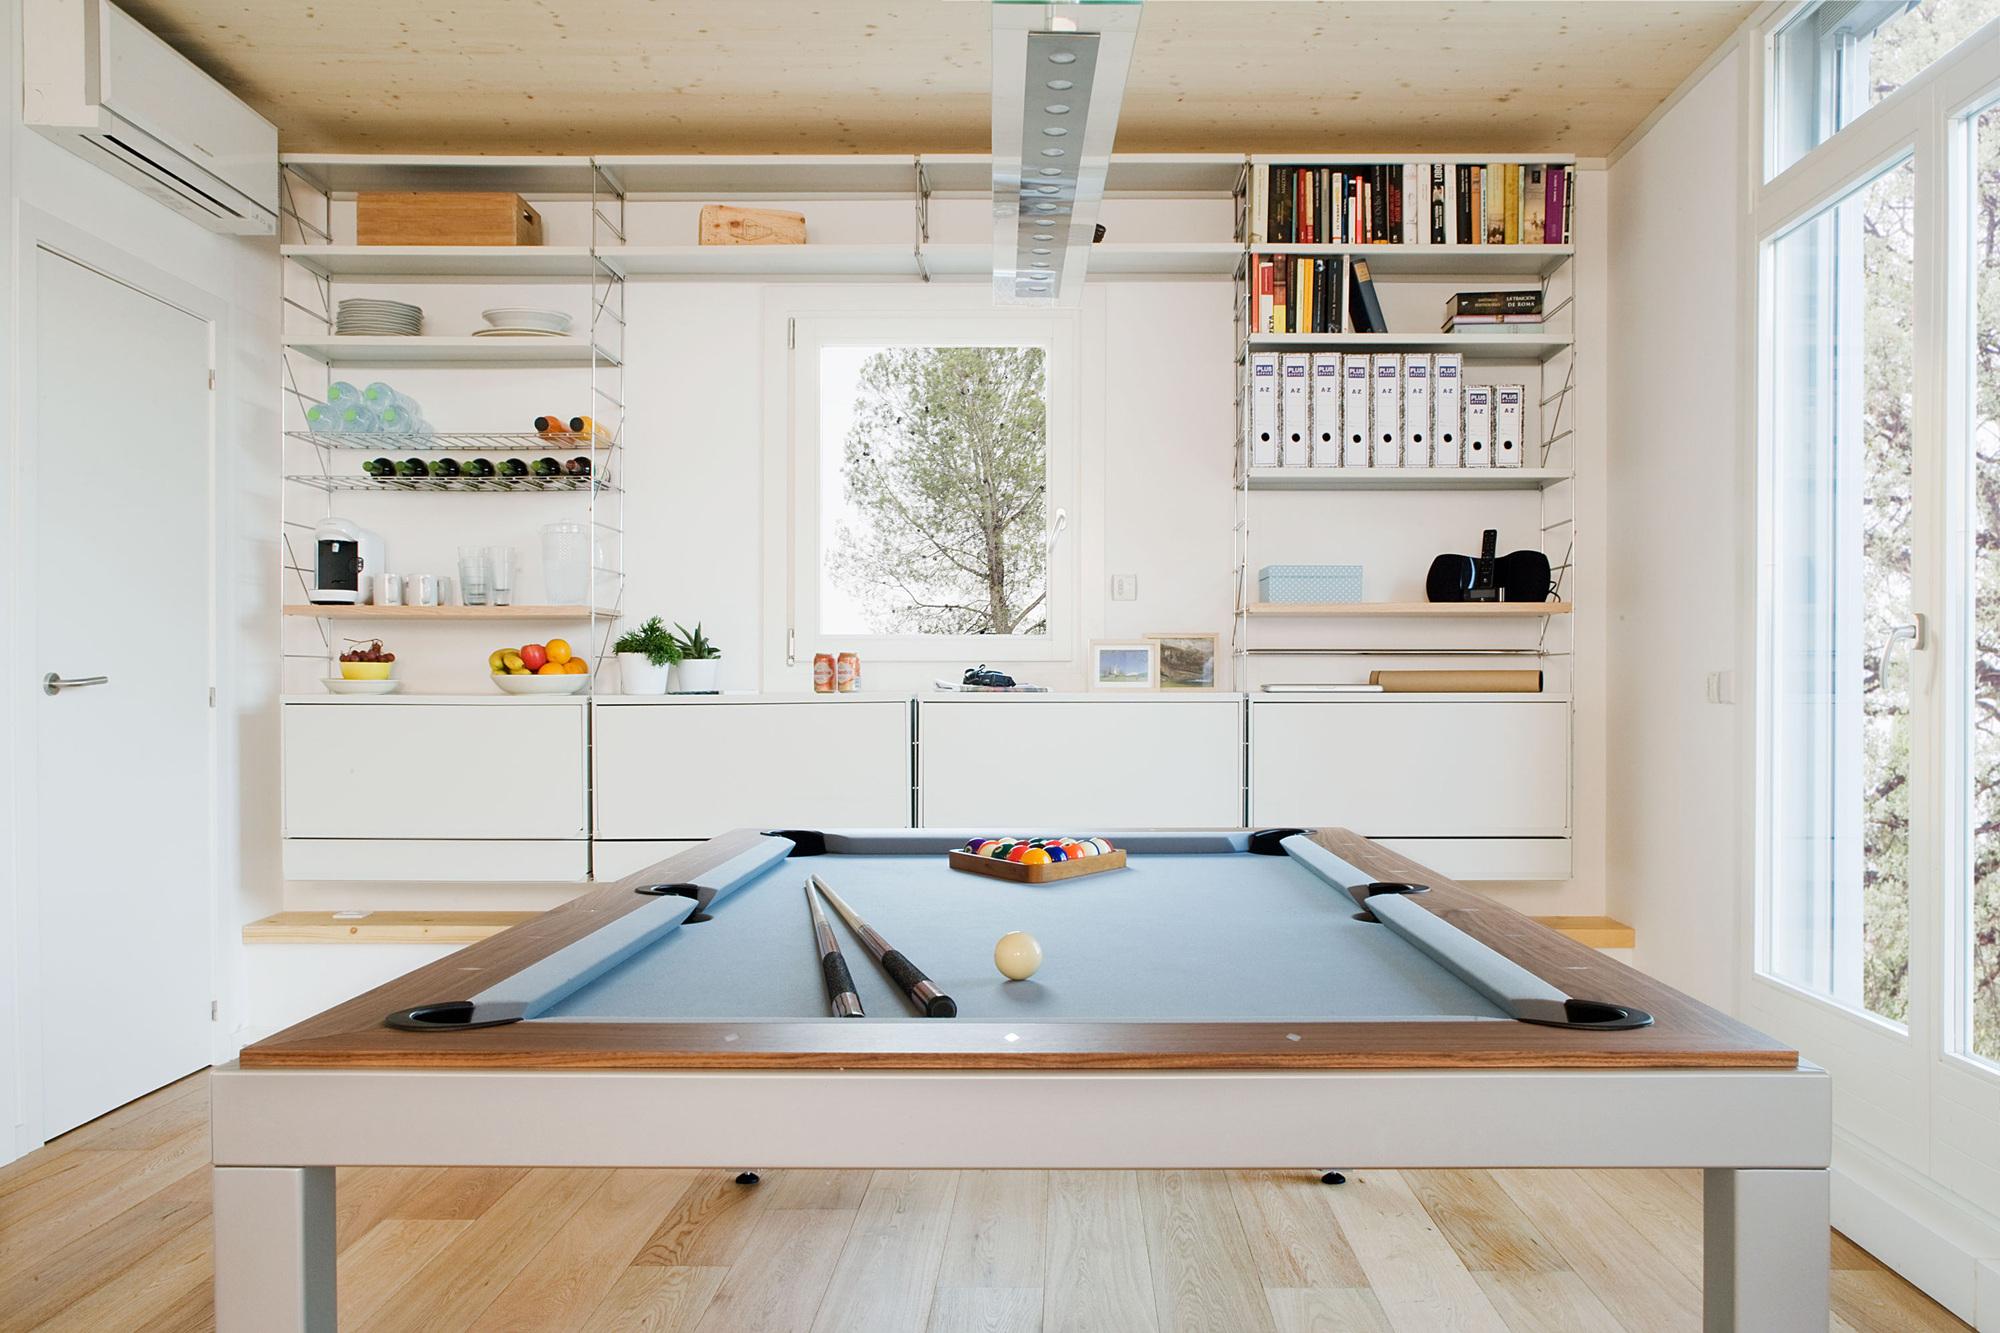 casa moderna ecologica 9